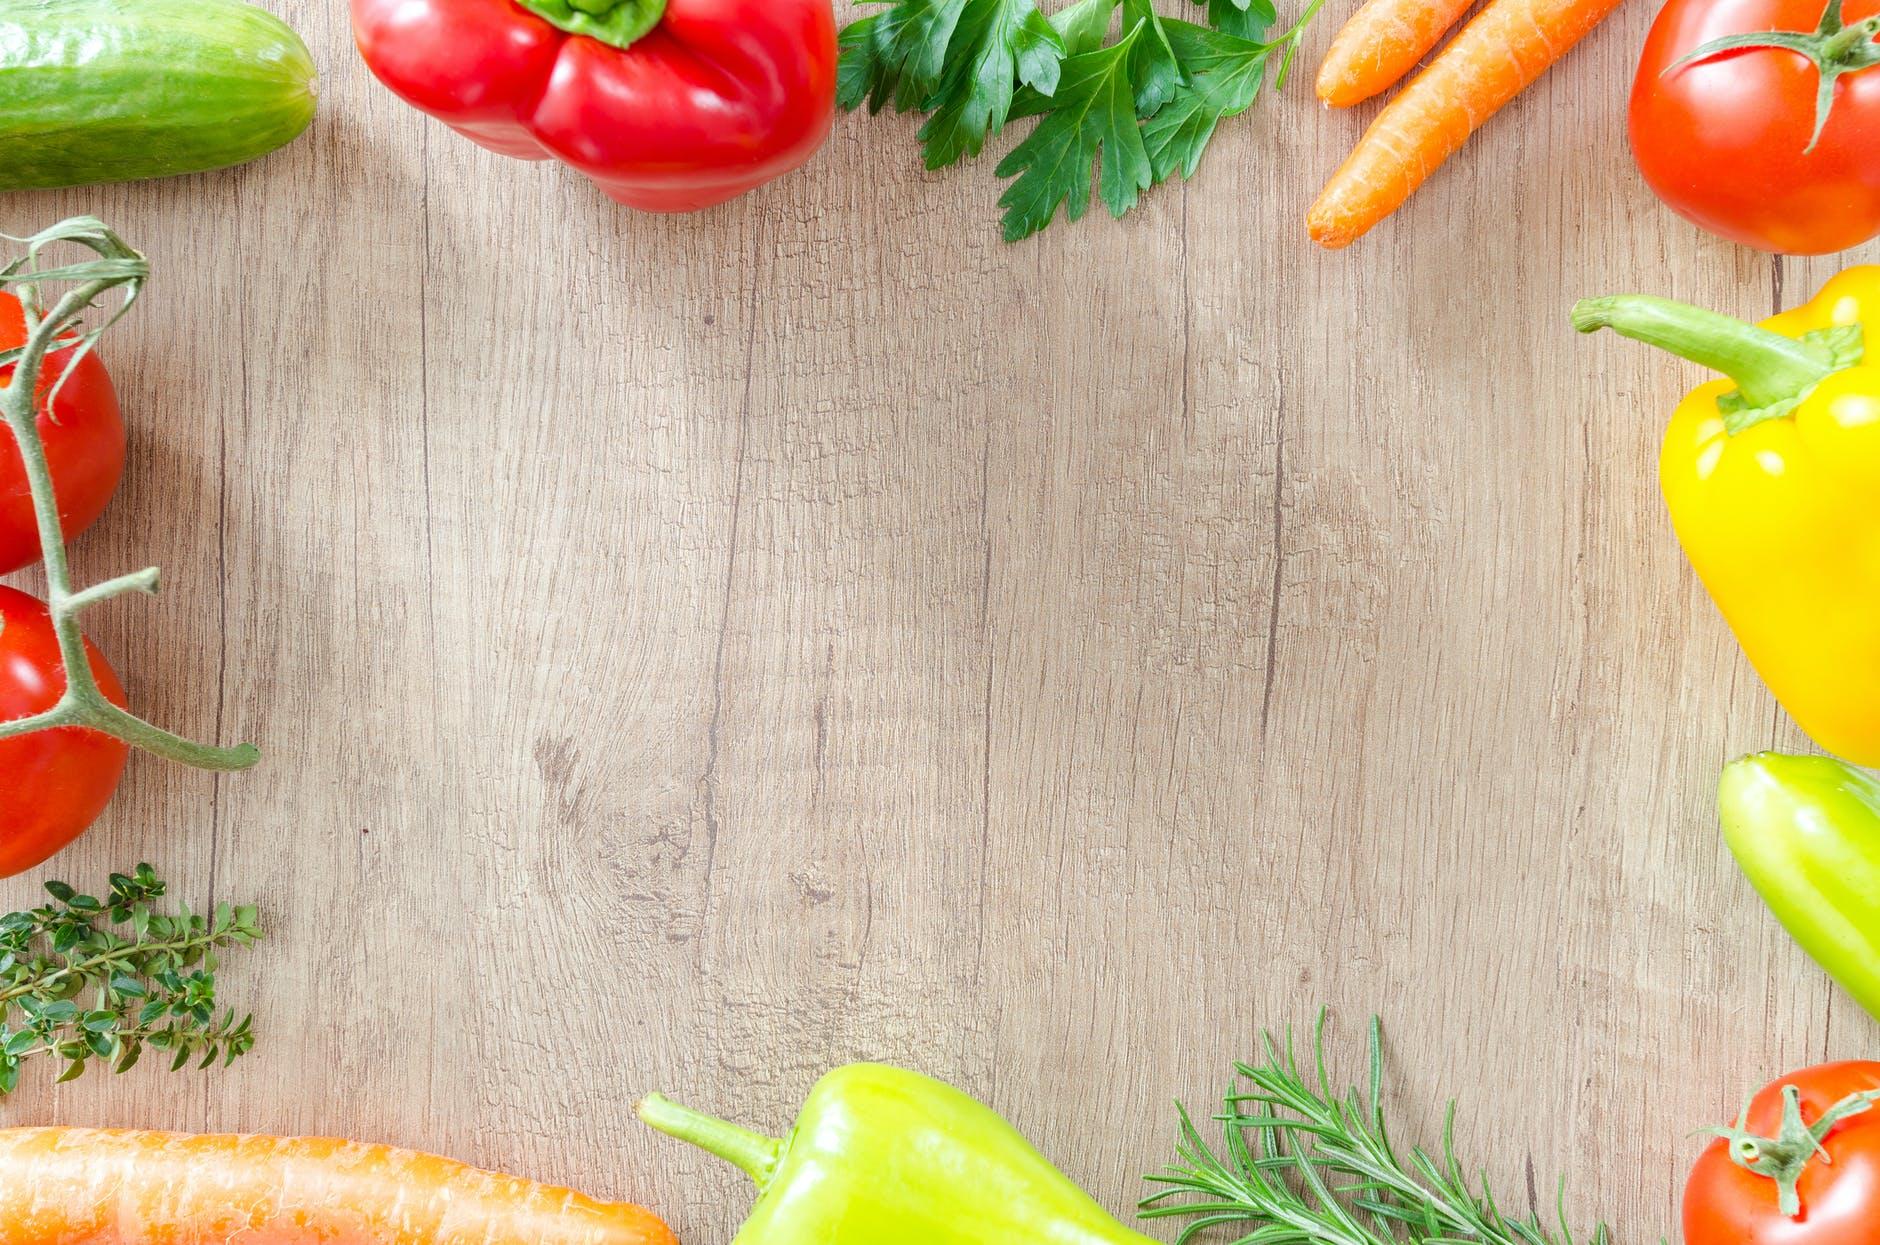 Сезонные фрукты и овощи, которыми идеально наслаждаться в Испании в марте